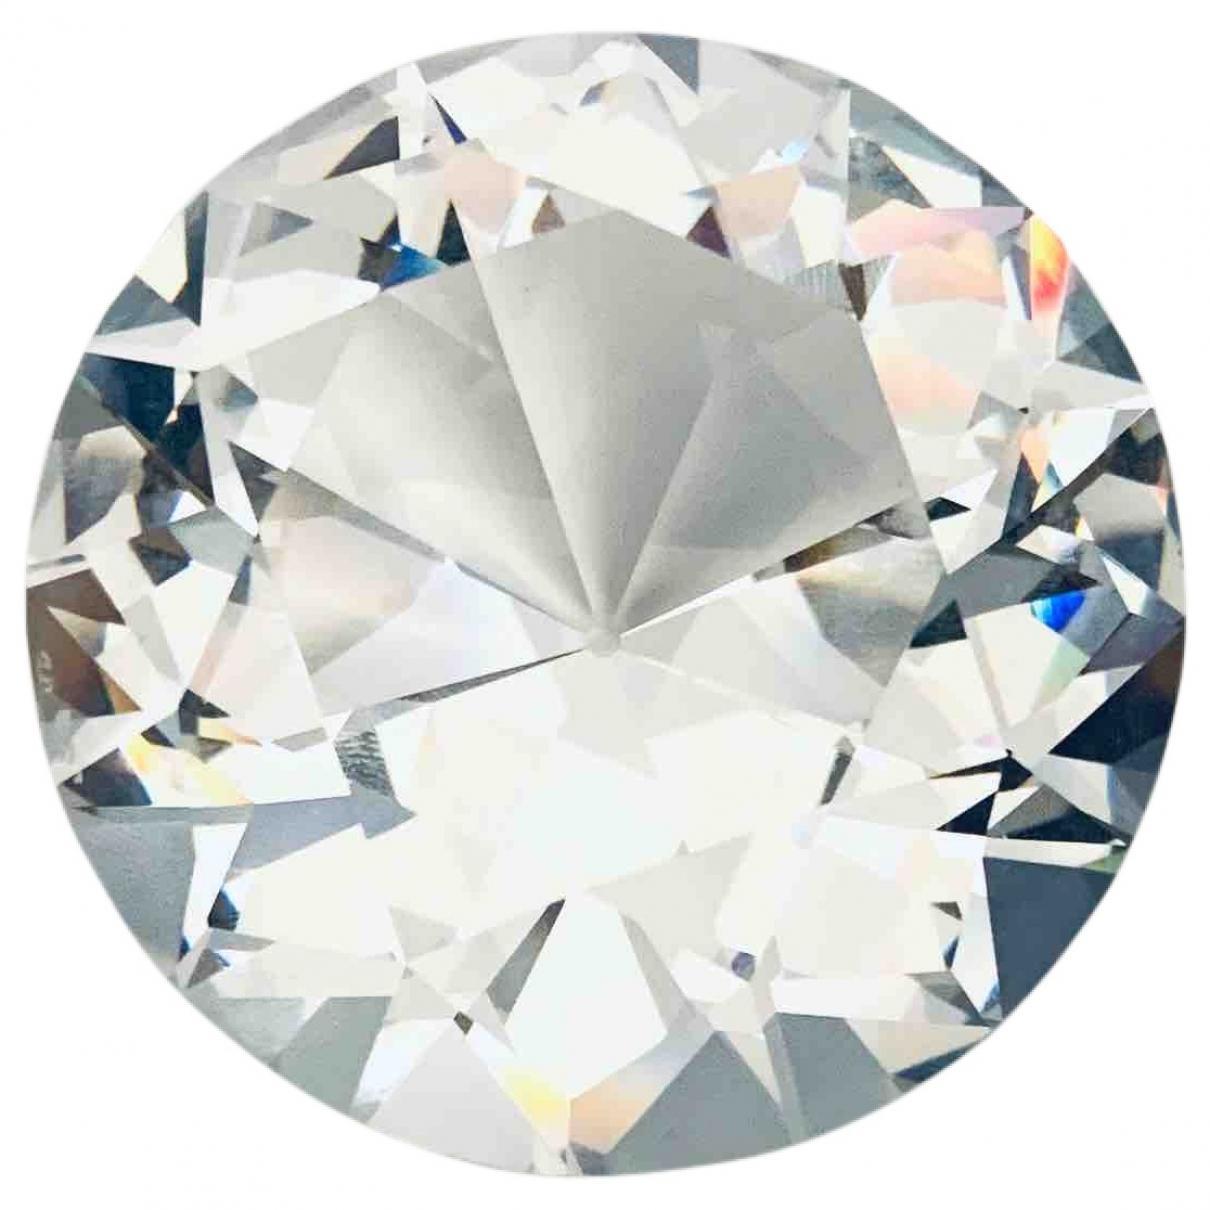 Swarovski \N Accessoires und Dekoration in Kristall